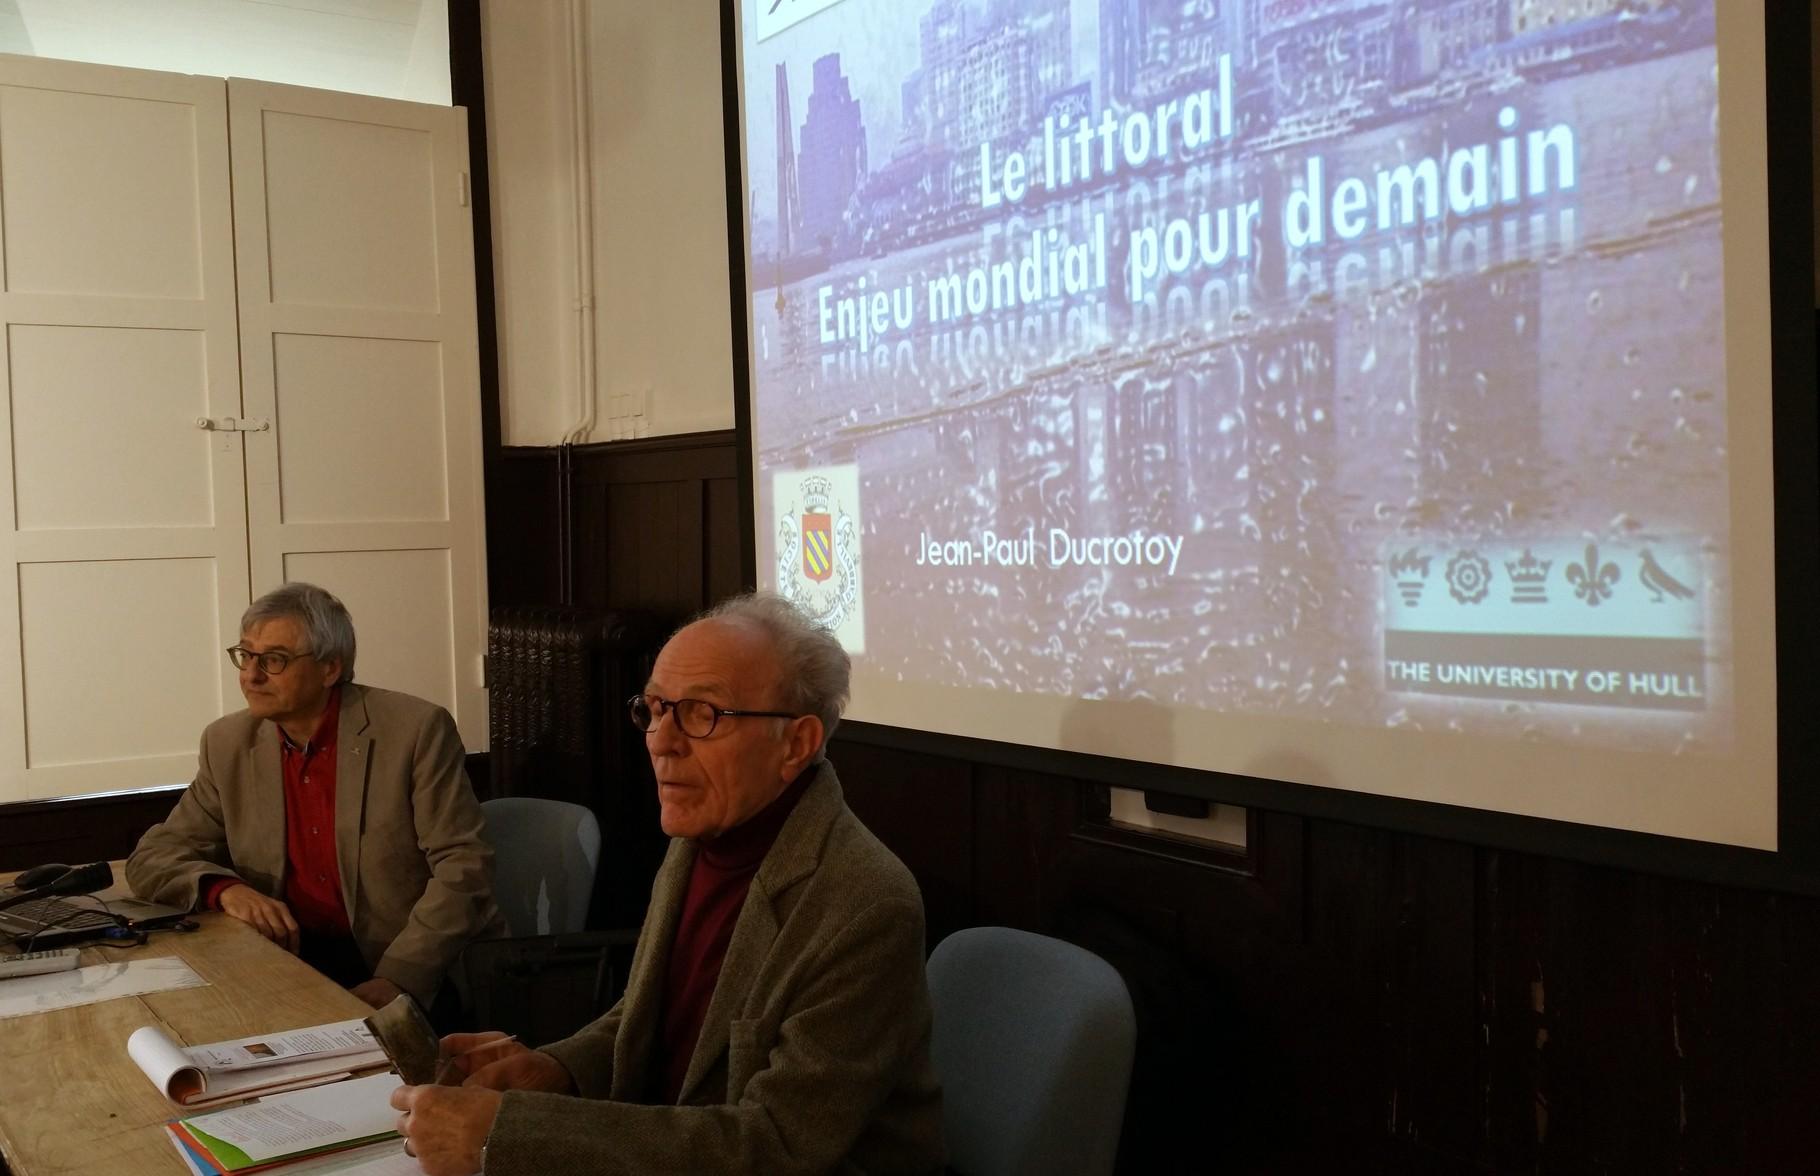 LE LITTORAL :  ENJEU MONDIAL POUR DEMAIN - Conférence de Jean-Paul Ducrotoy